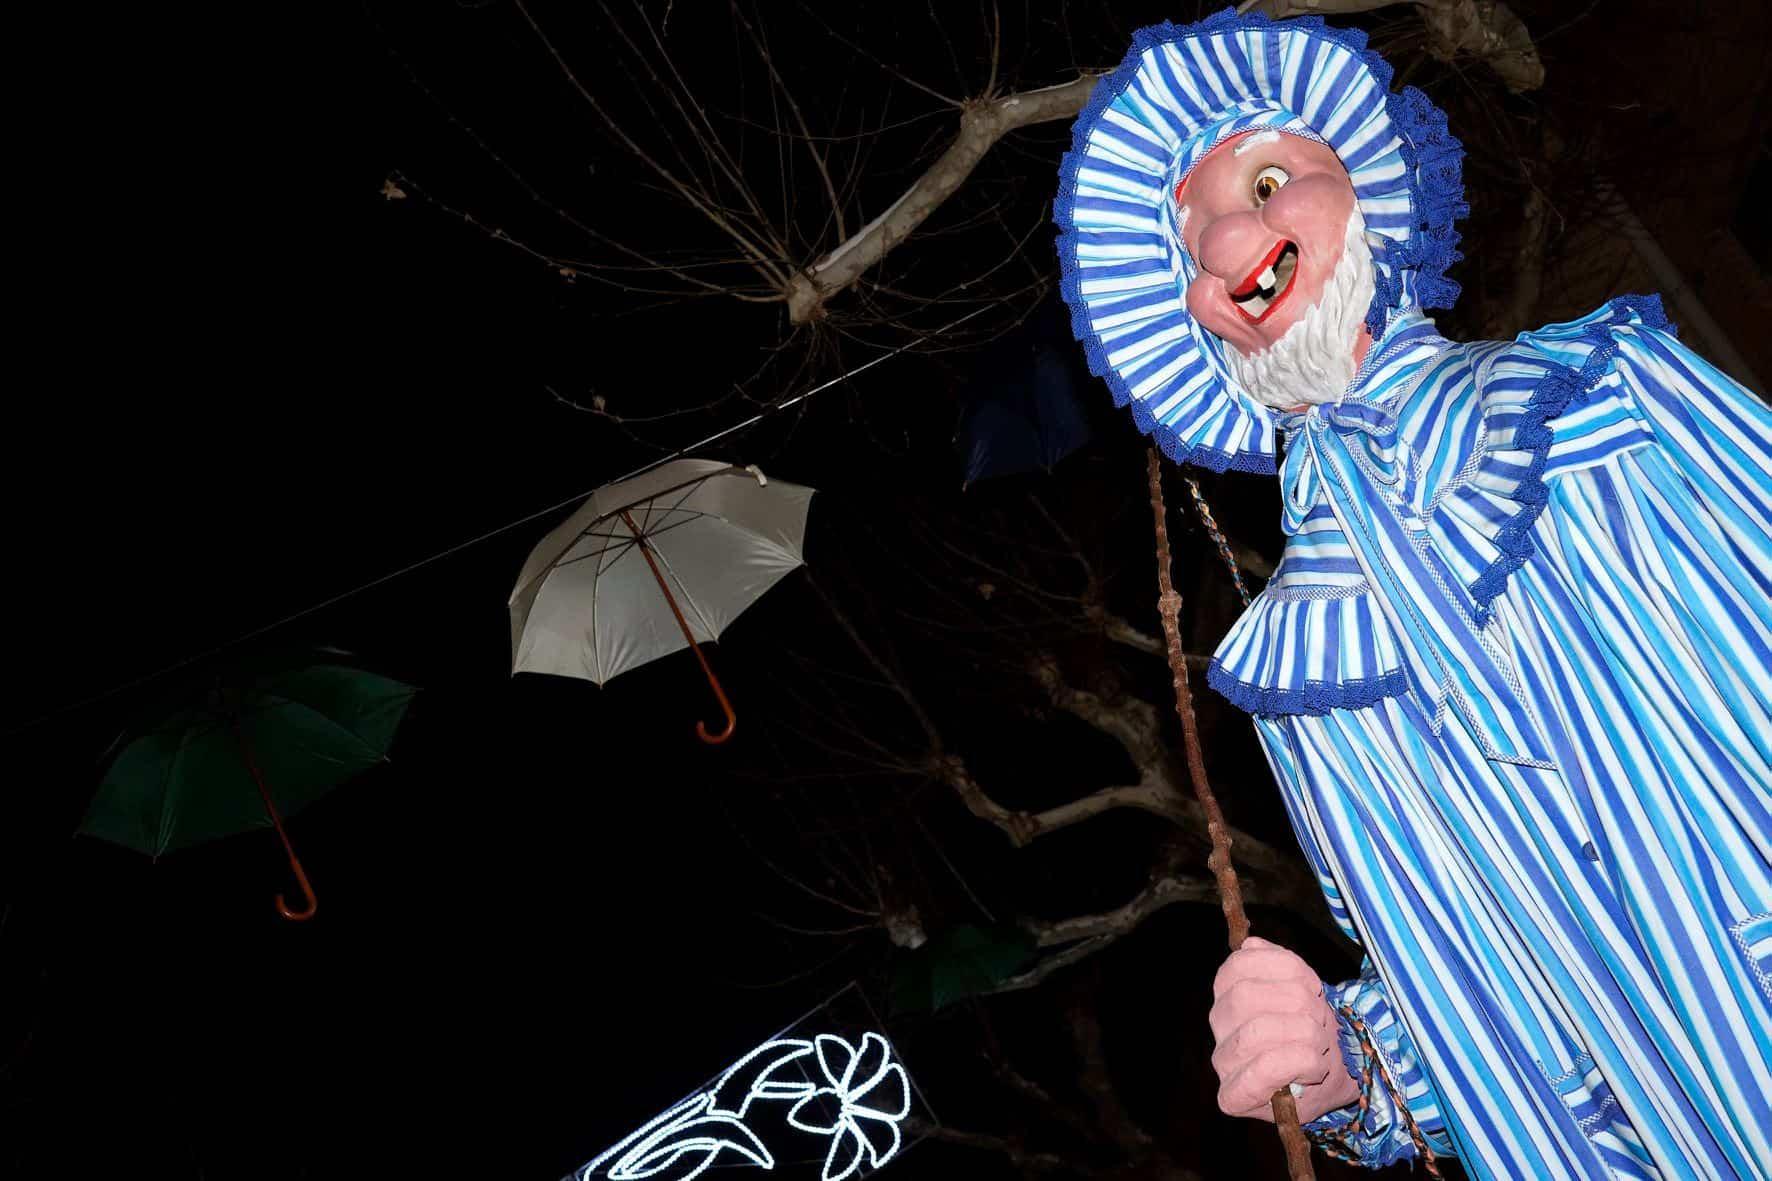 Viernes de Prisillas 2020 del Carnaval en imágenes 106